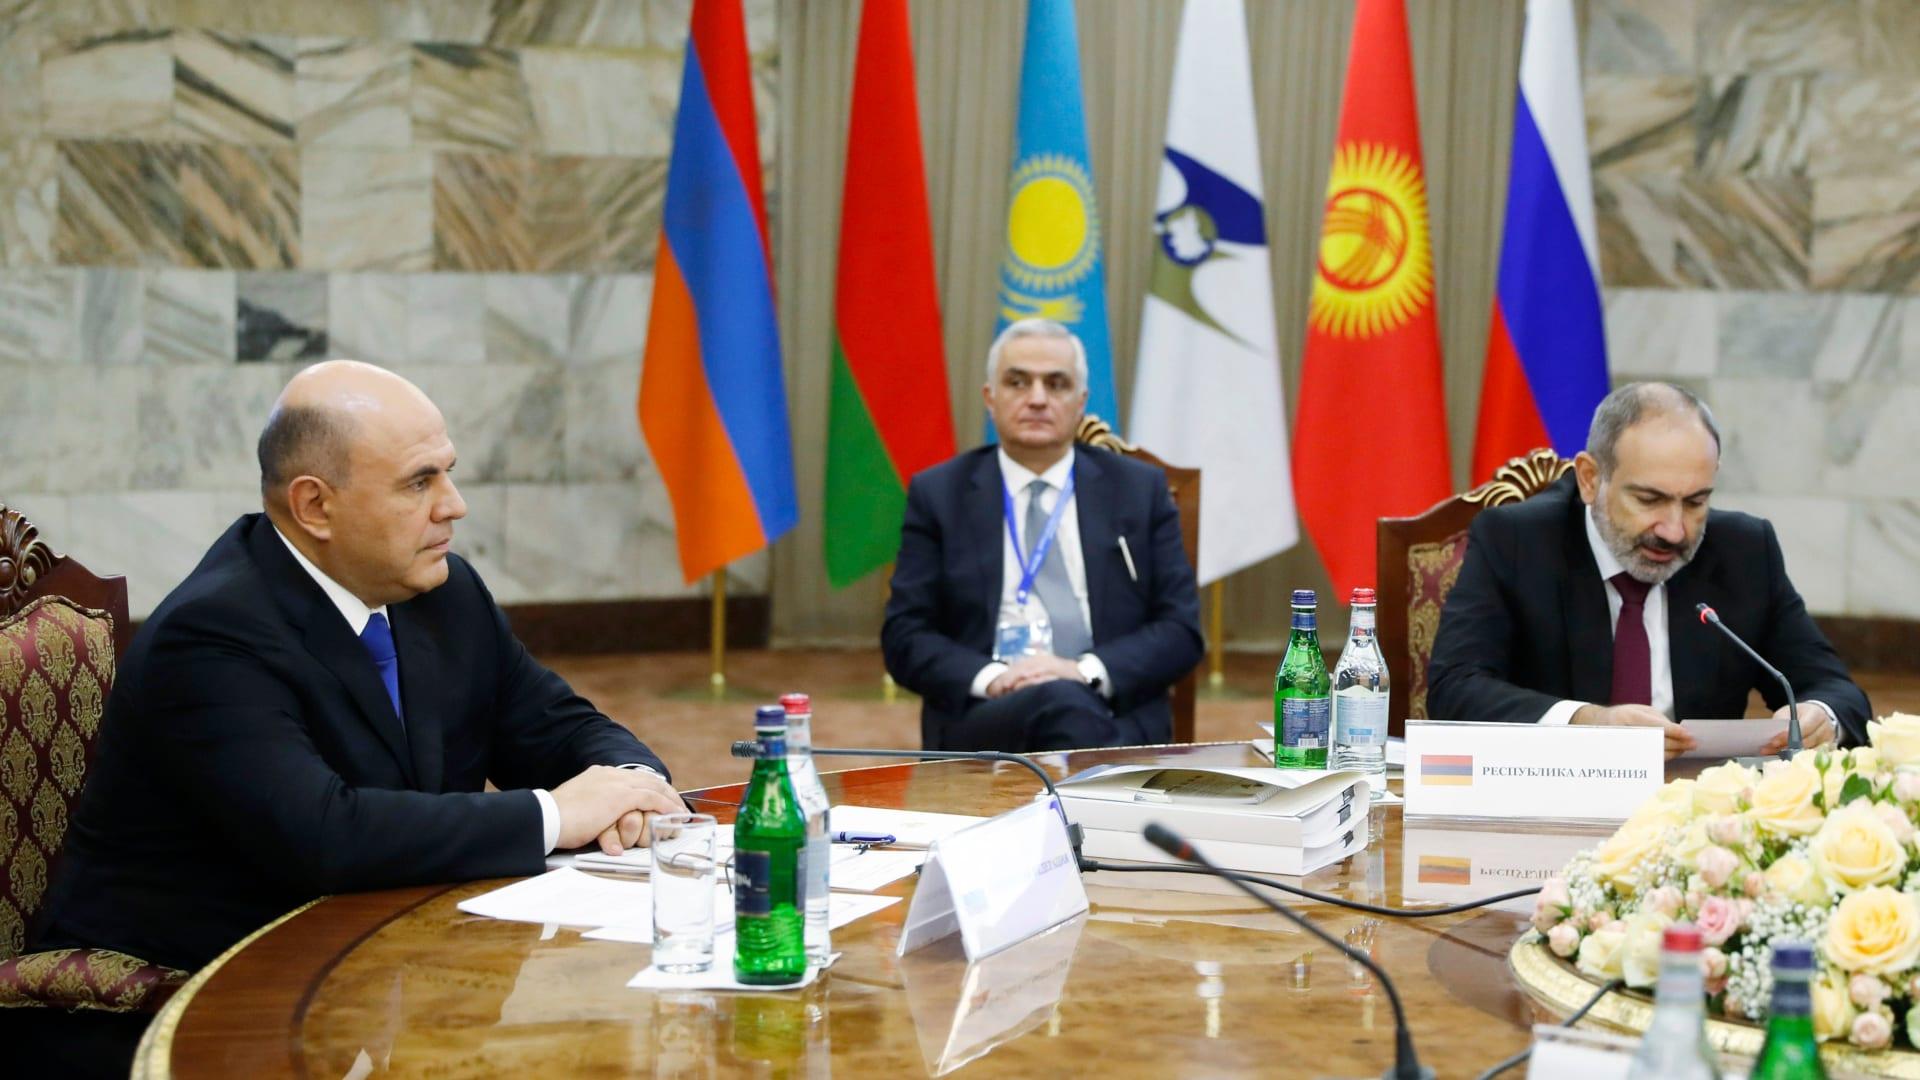 رئيس أذربيجان: مقاتلات F-16 التركية لا تشارك في المعارك ضد أرمينيا